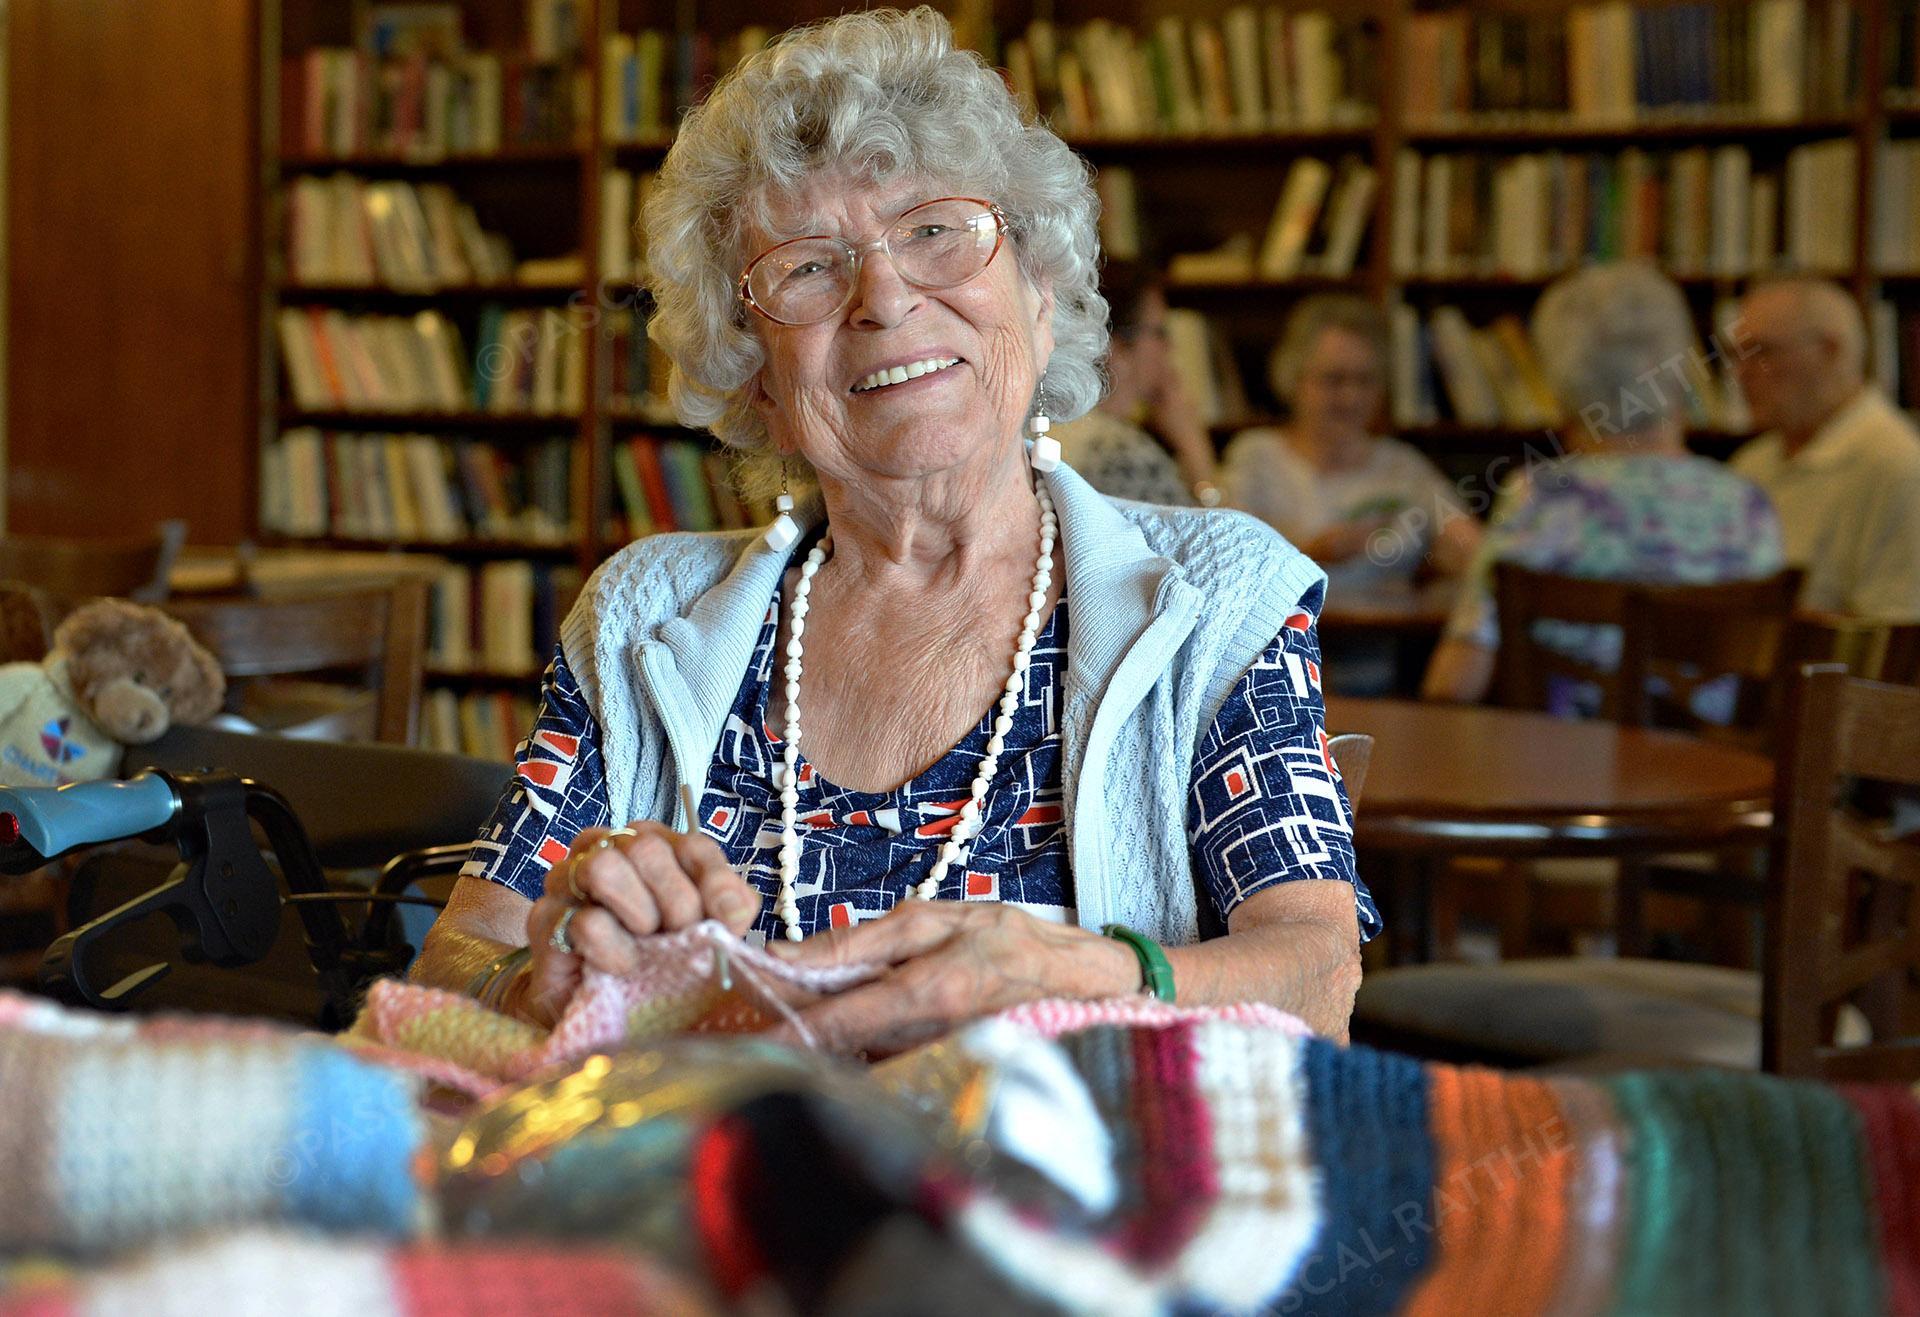 une dame du 3e âge fait du tricot